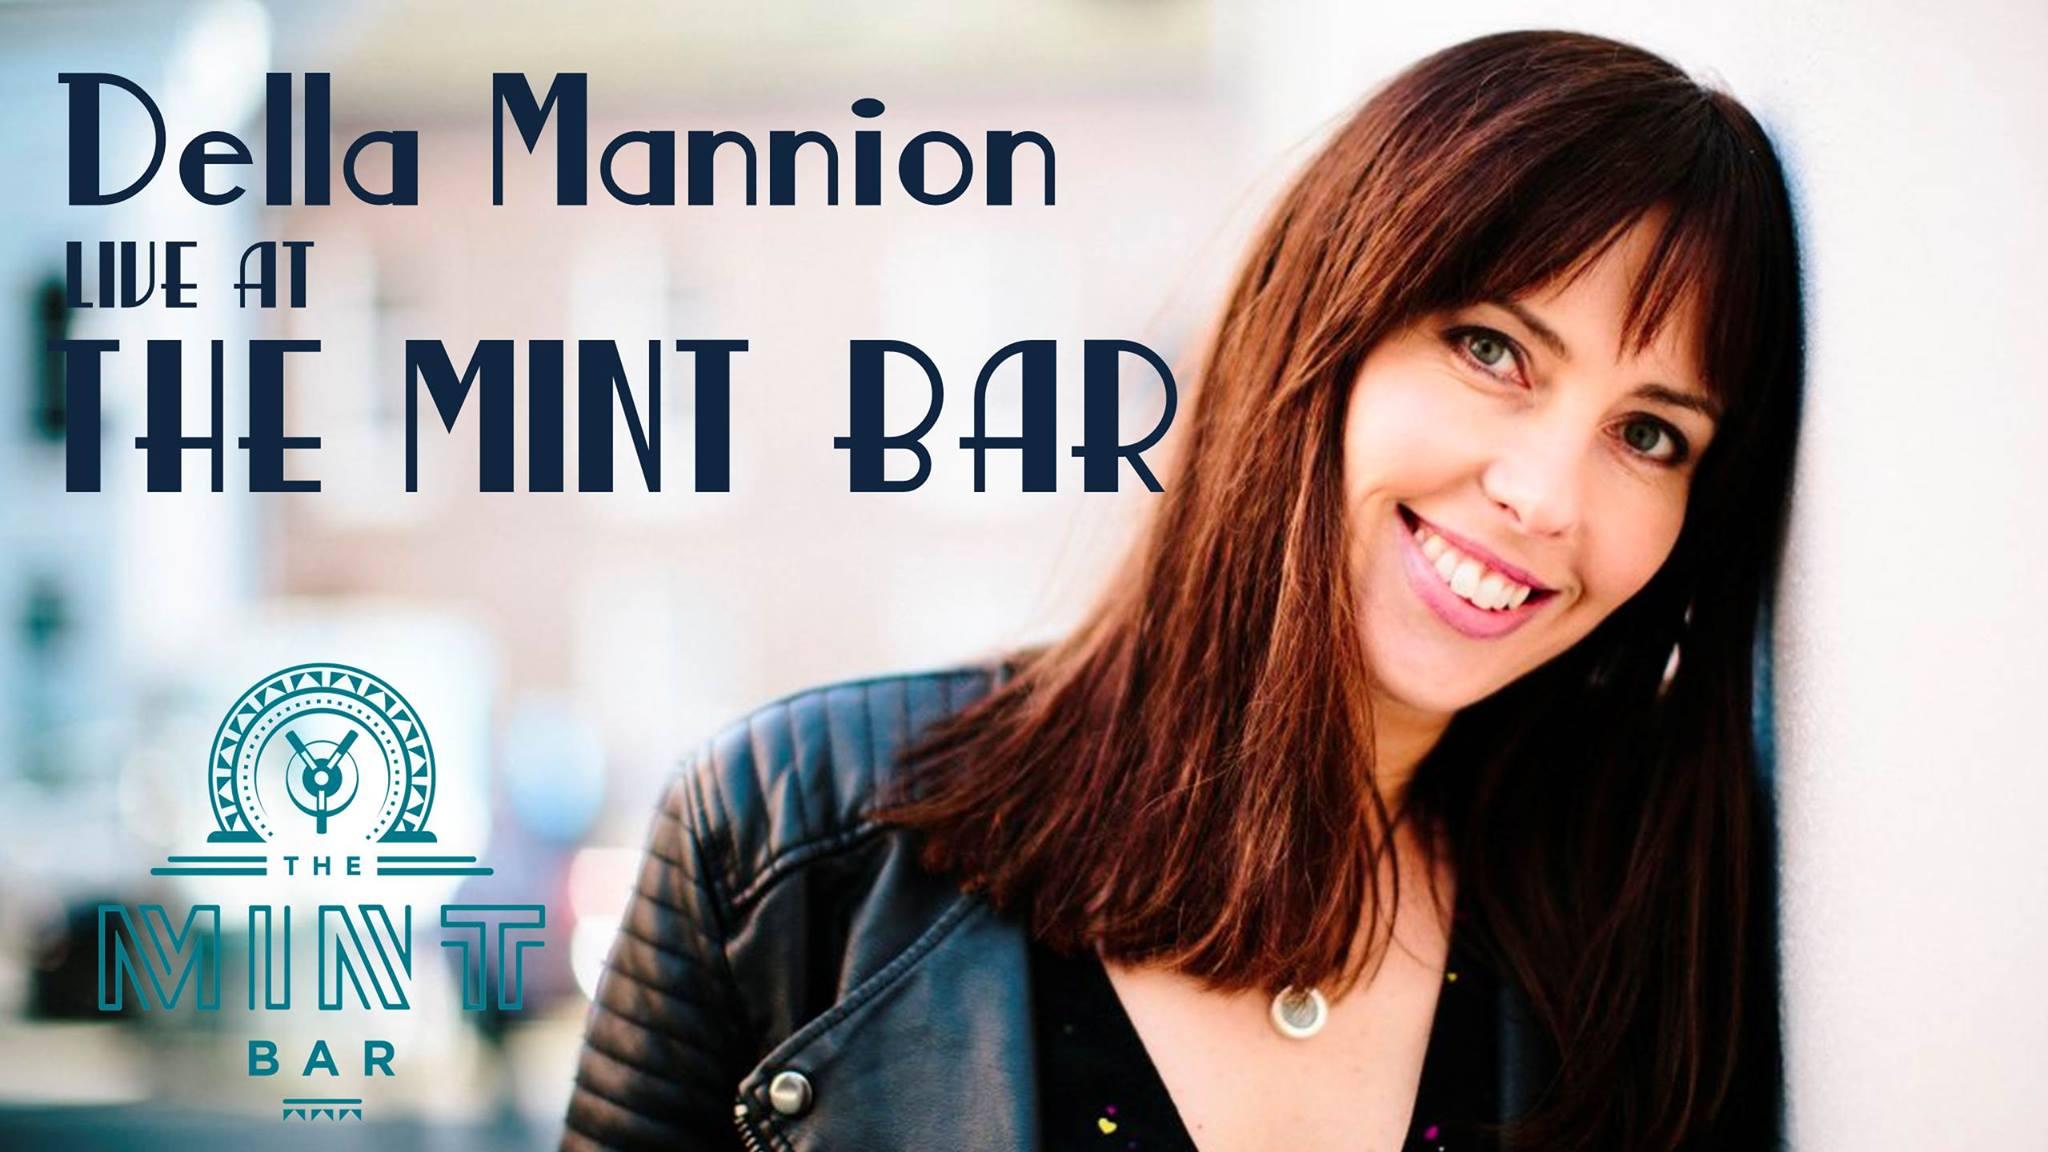 Della Manion live at the mint bar dublin